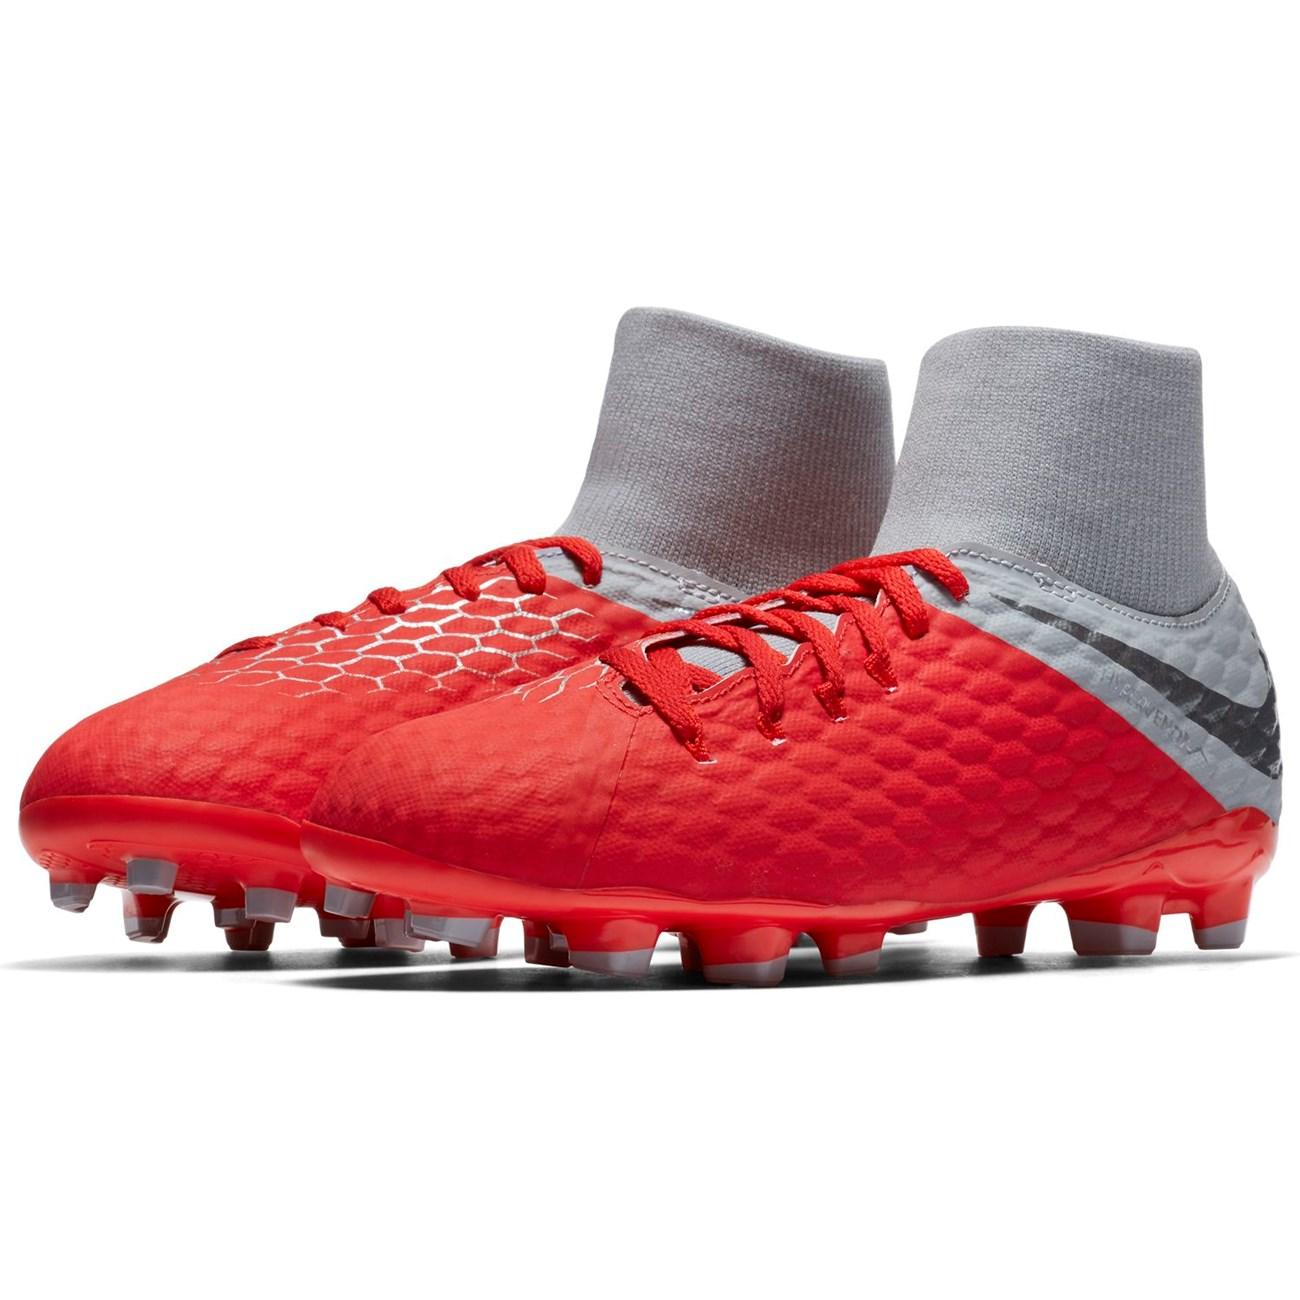 NIKE JR HYPERVENOM 3 ACADEMY DF FG   Παπούτσια Ποδοσφαίρου  c92061c8ef9